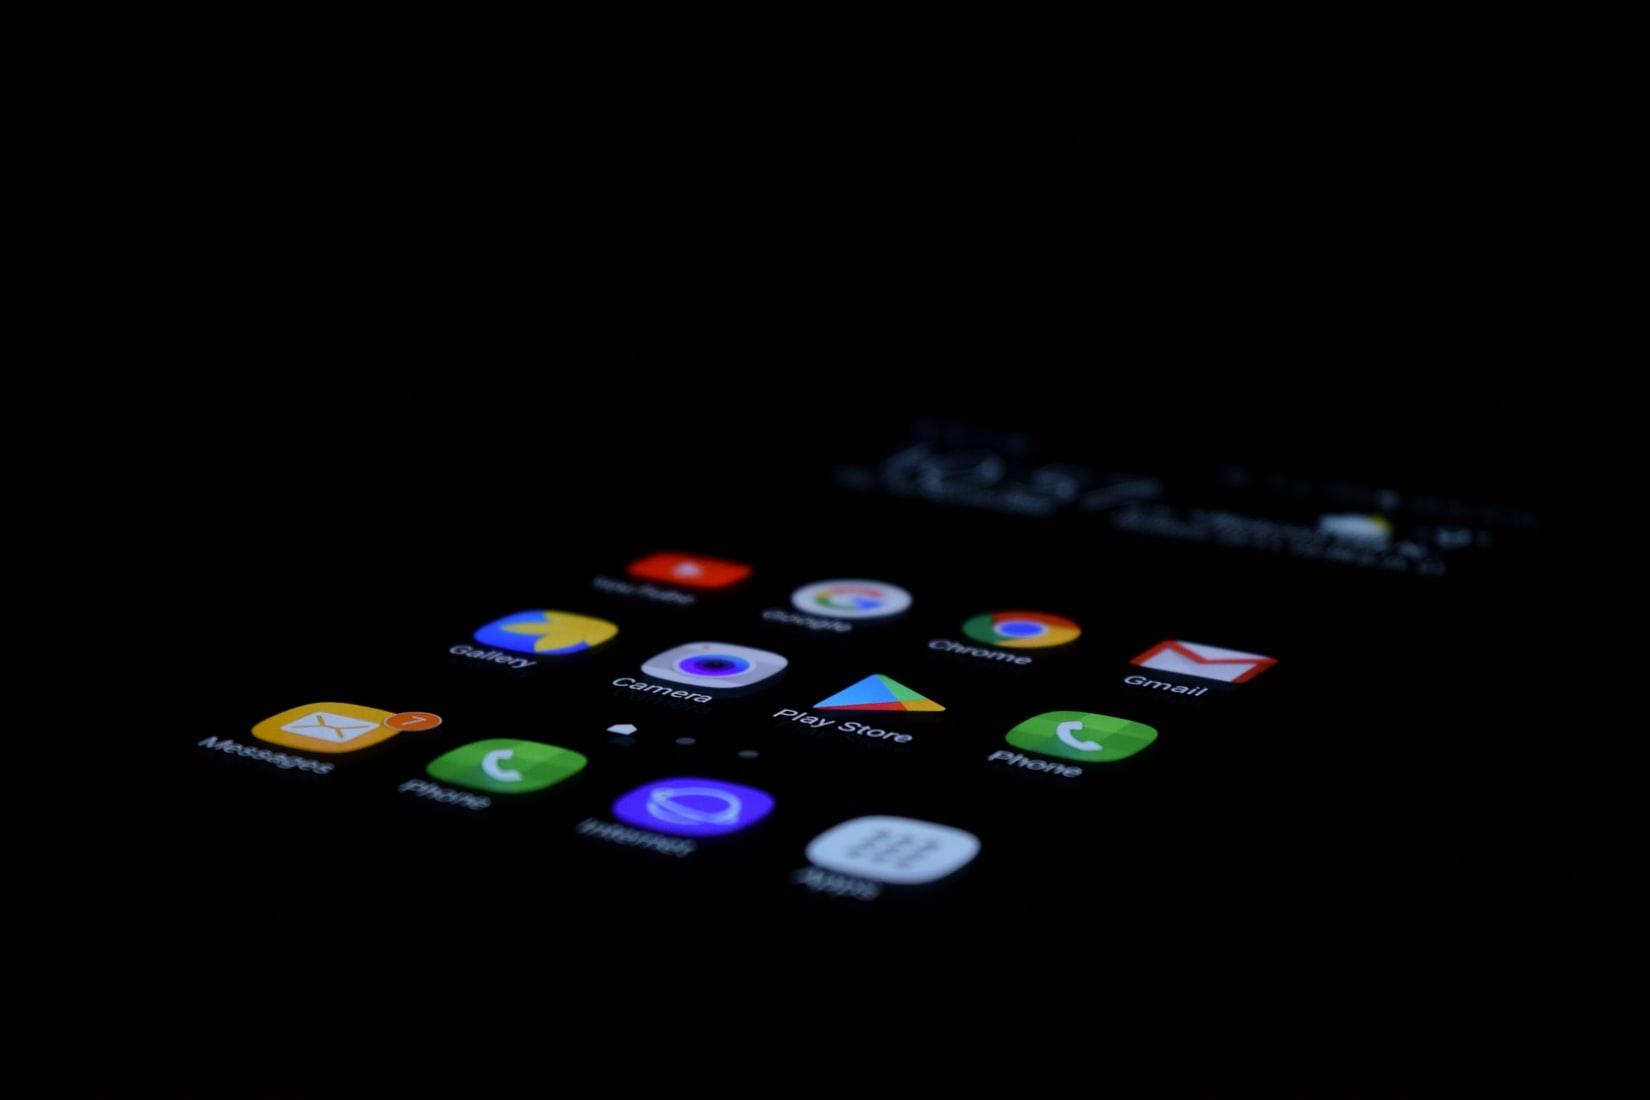 Povolenie systému Android 10 na OnePlus 6/ 6T 1